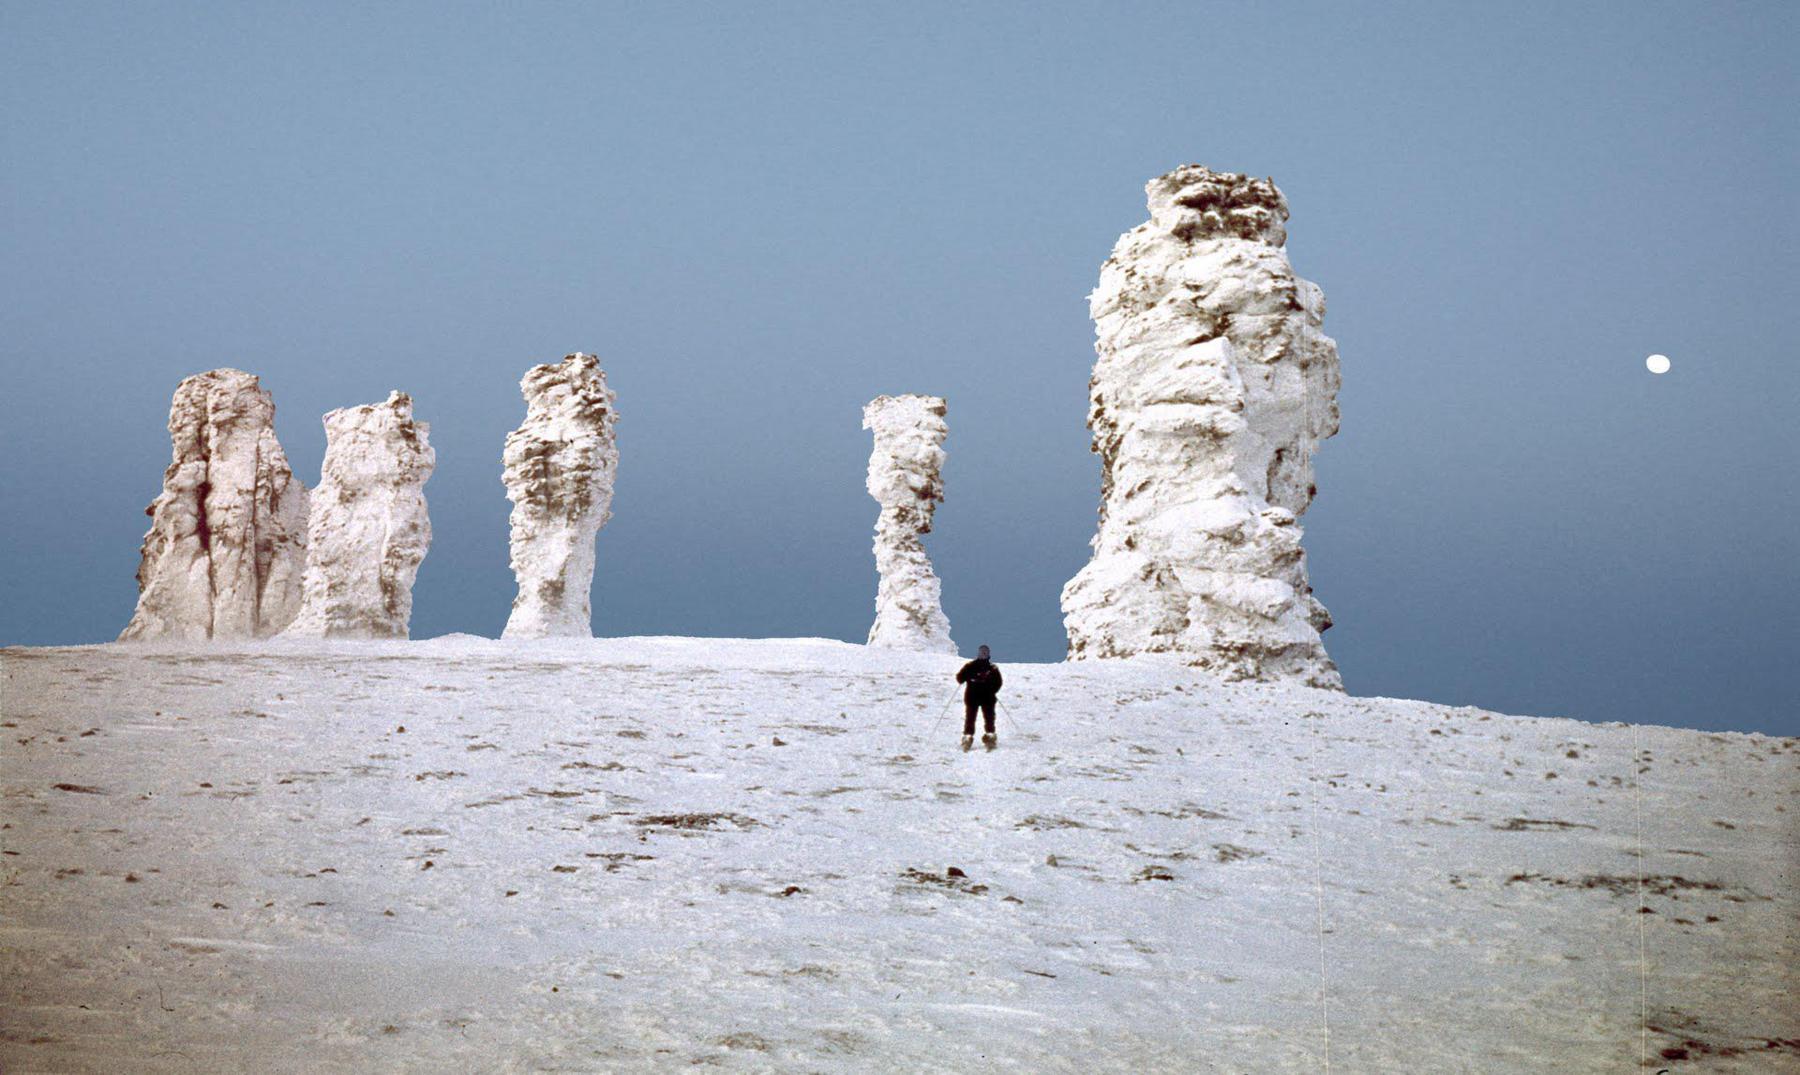 La leyenda de los 7 gigantes de los Urales